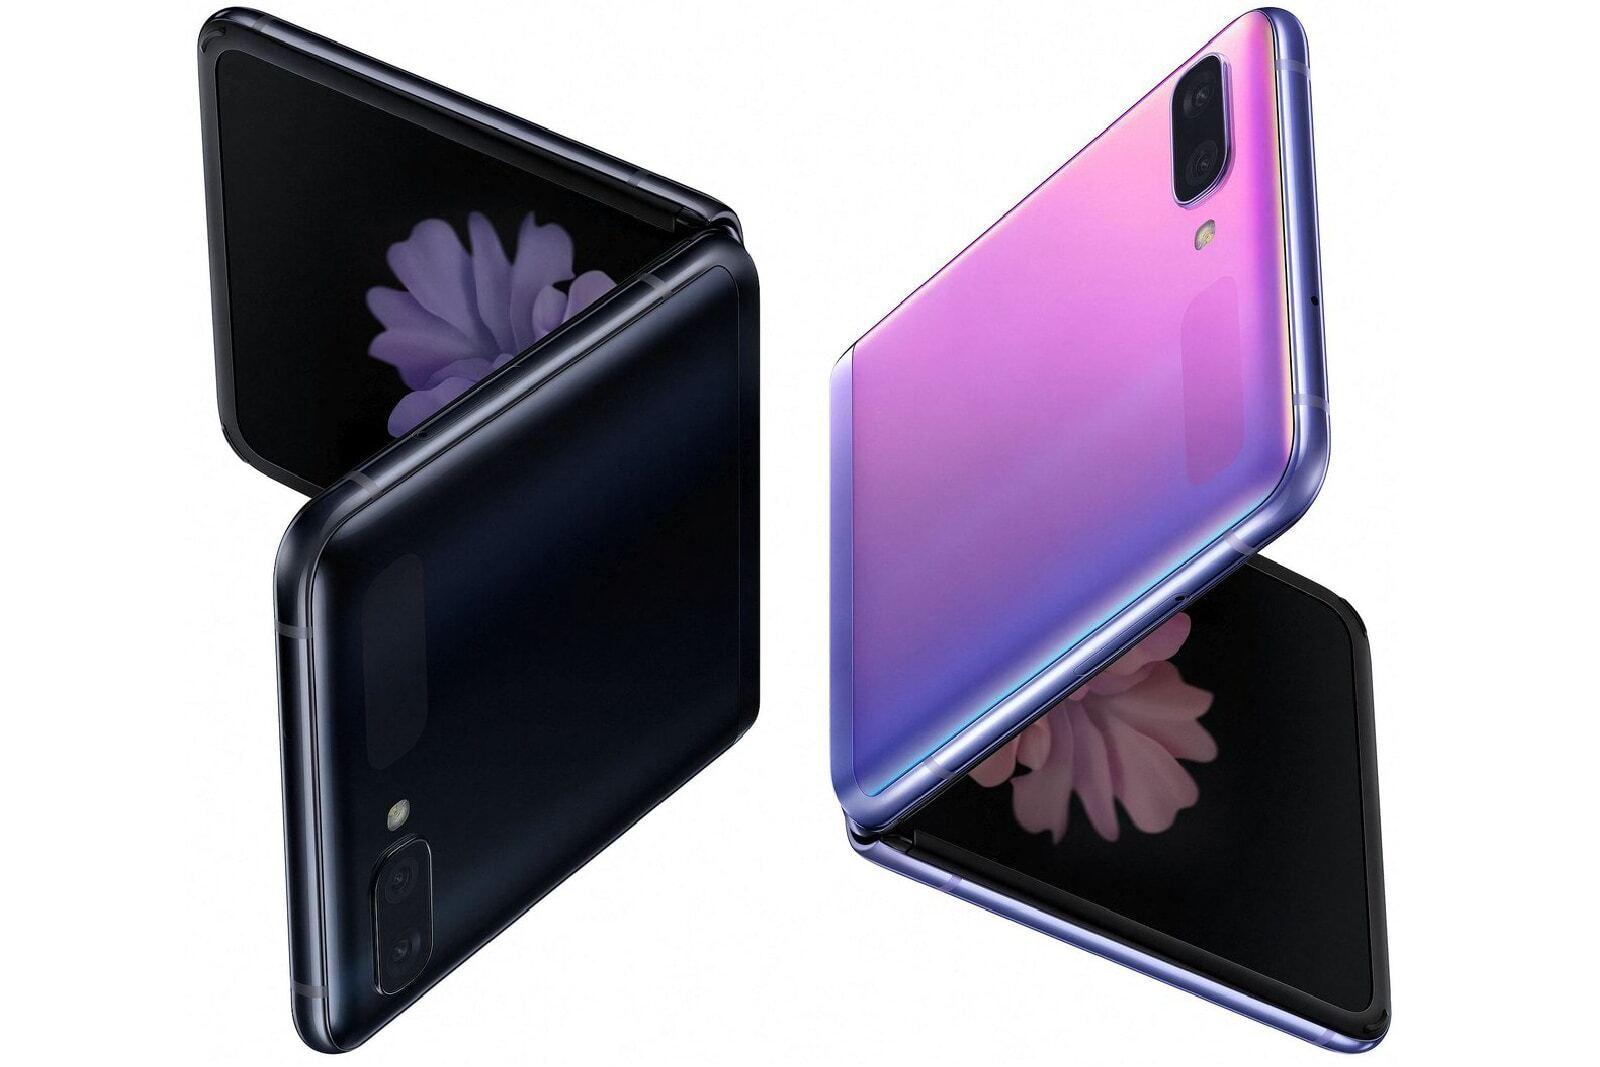 Conoce el Galaxy Z Flip, el próximo smartphone plegable de Samsung